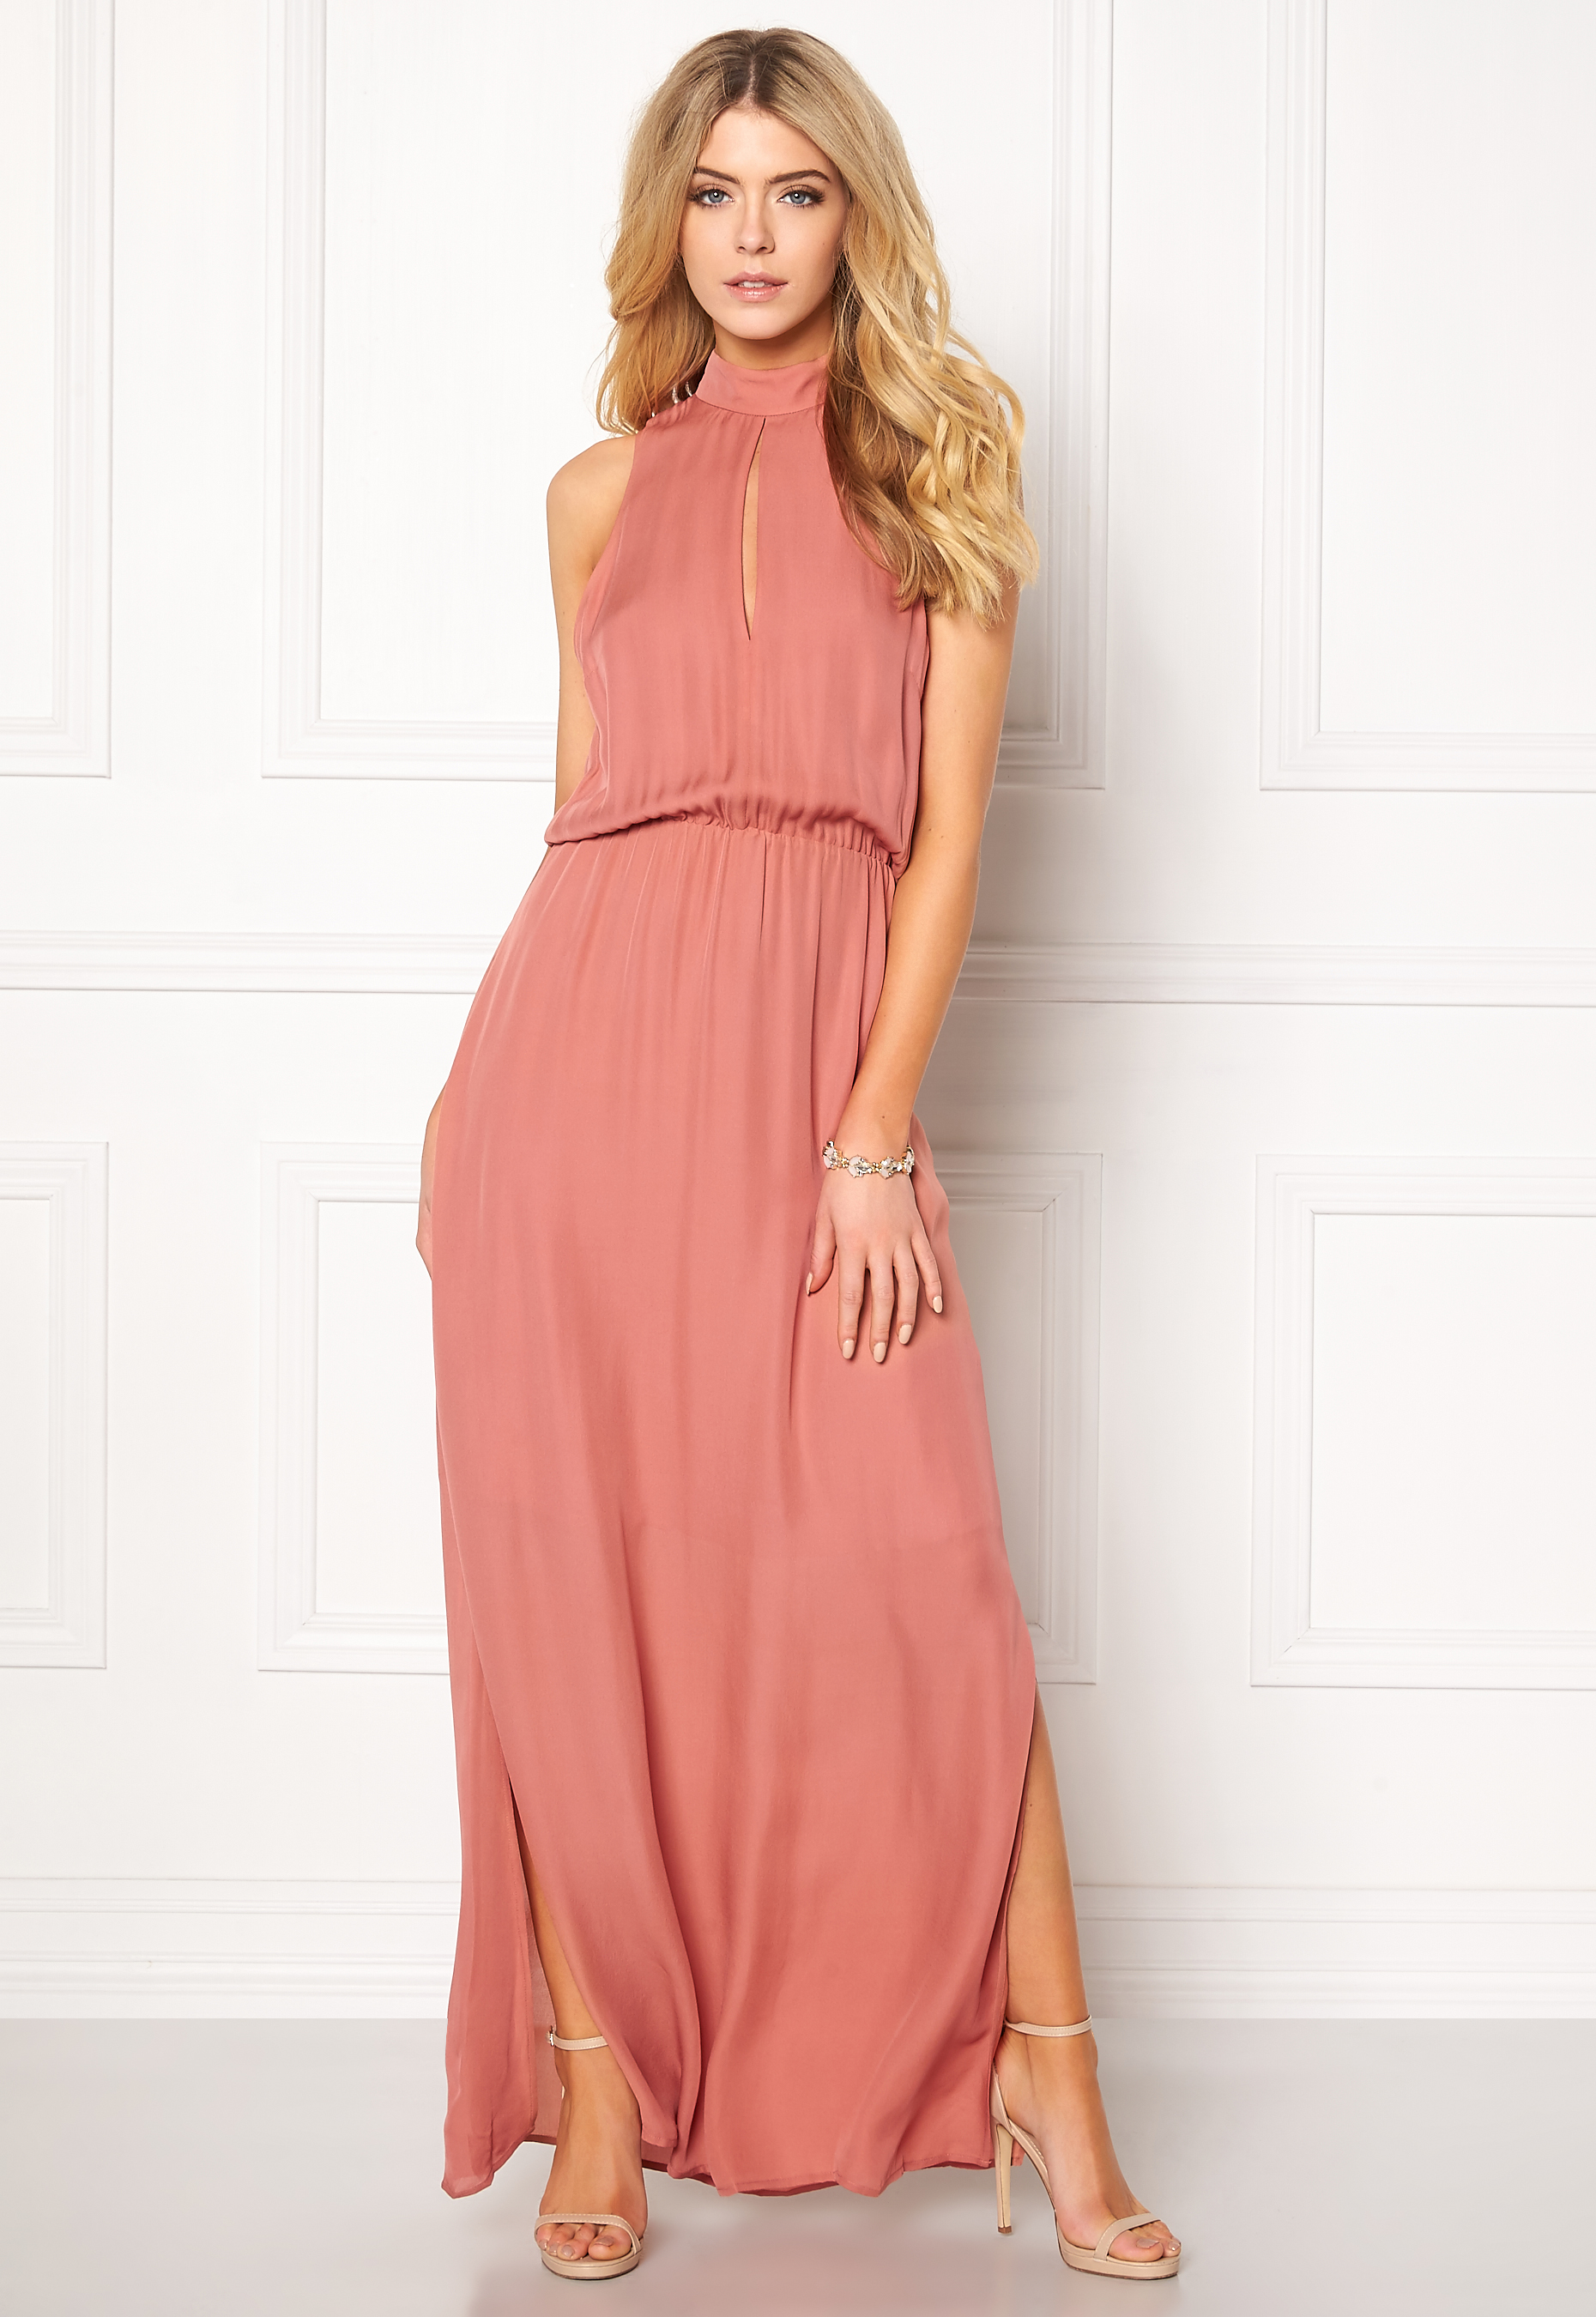 samsøe kjole silke